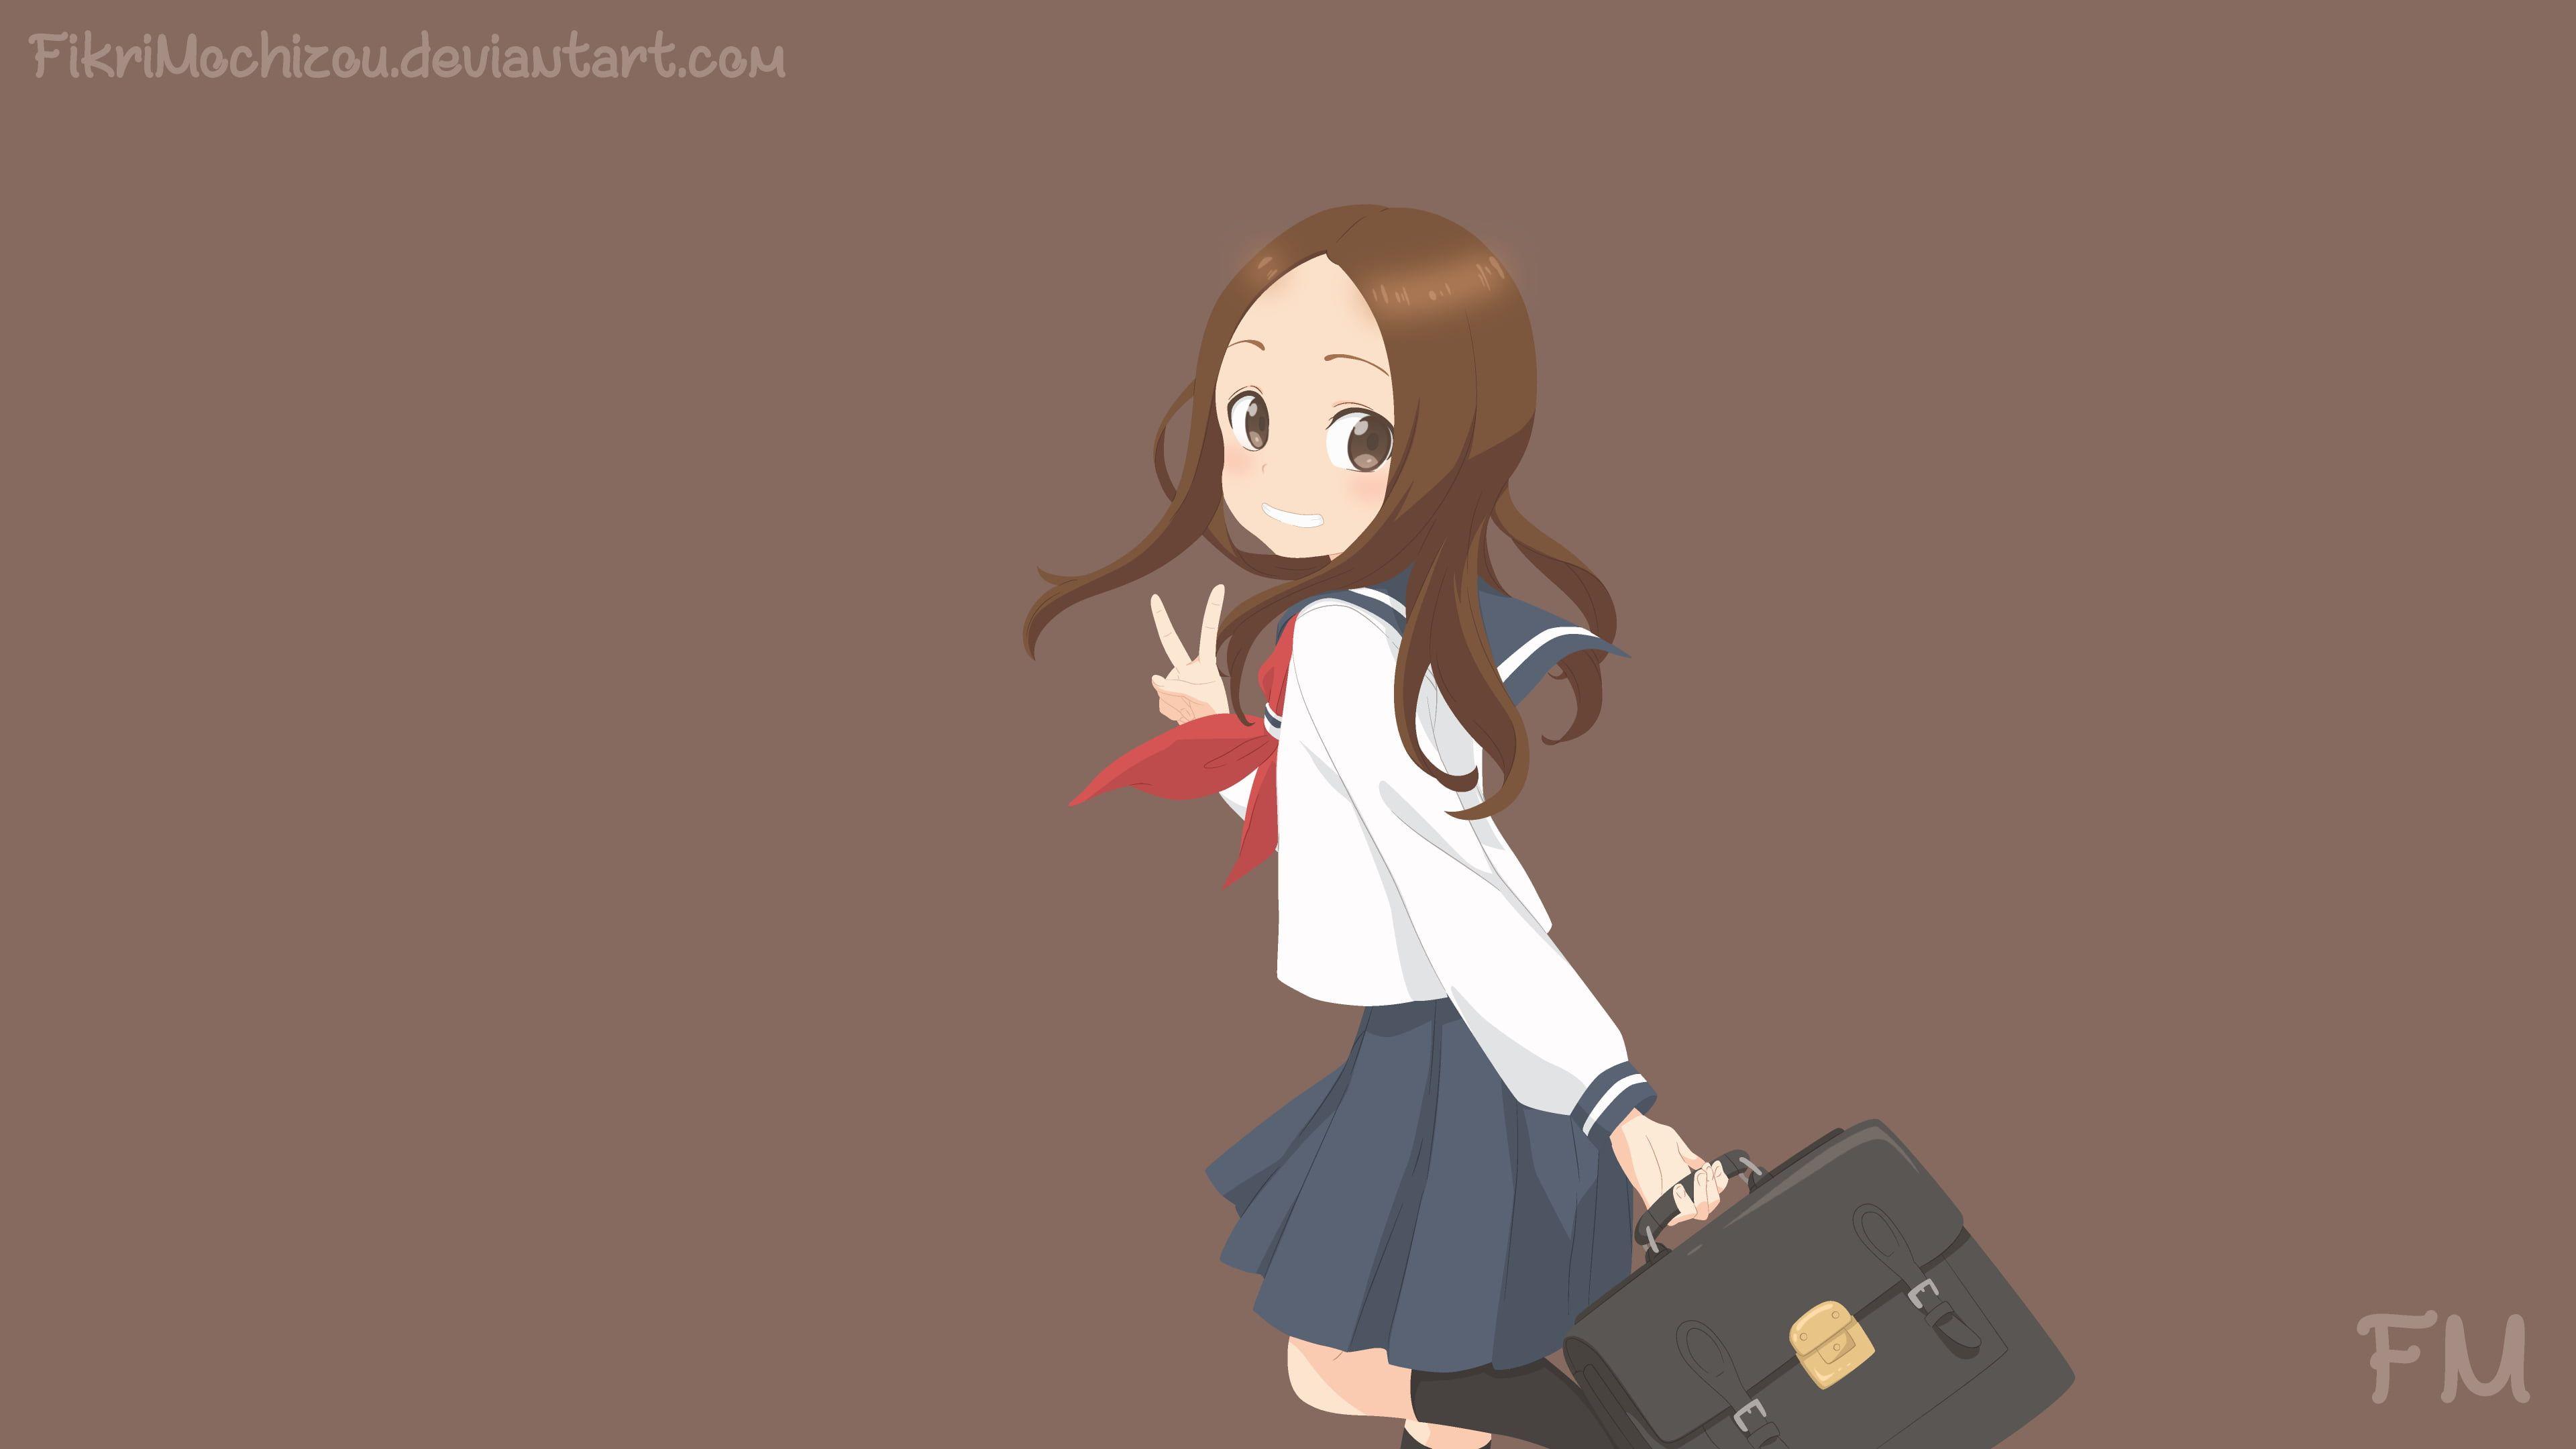 Anime Karakai Jouzu No Takagi San Takagi Karakai Jouzu No Takagi San 4k Wallpaper Hdwallpaper Desktop Anime Latest Hd Wallpapers Hd Wallpaper